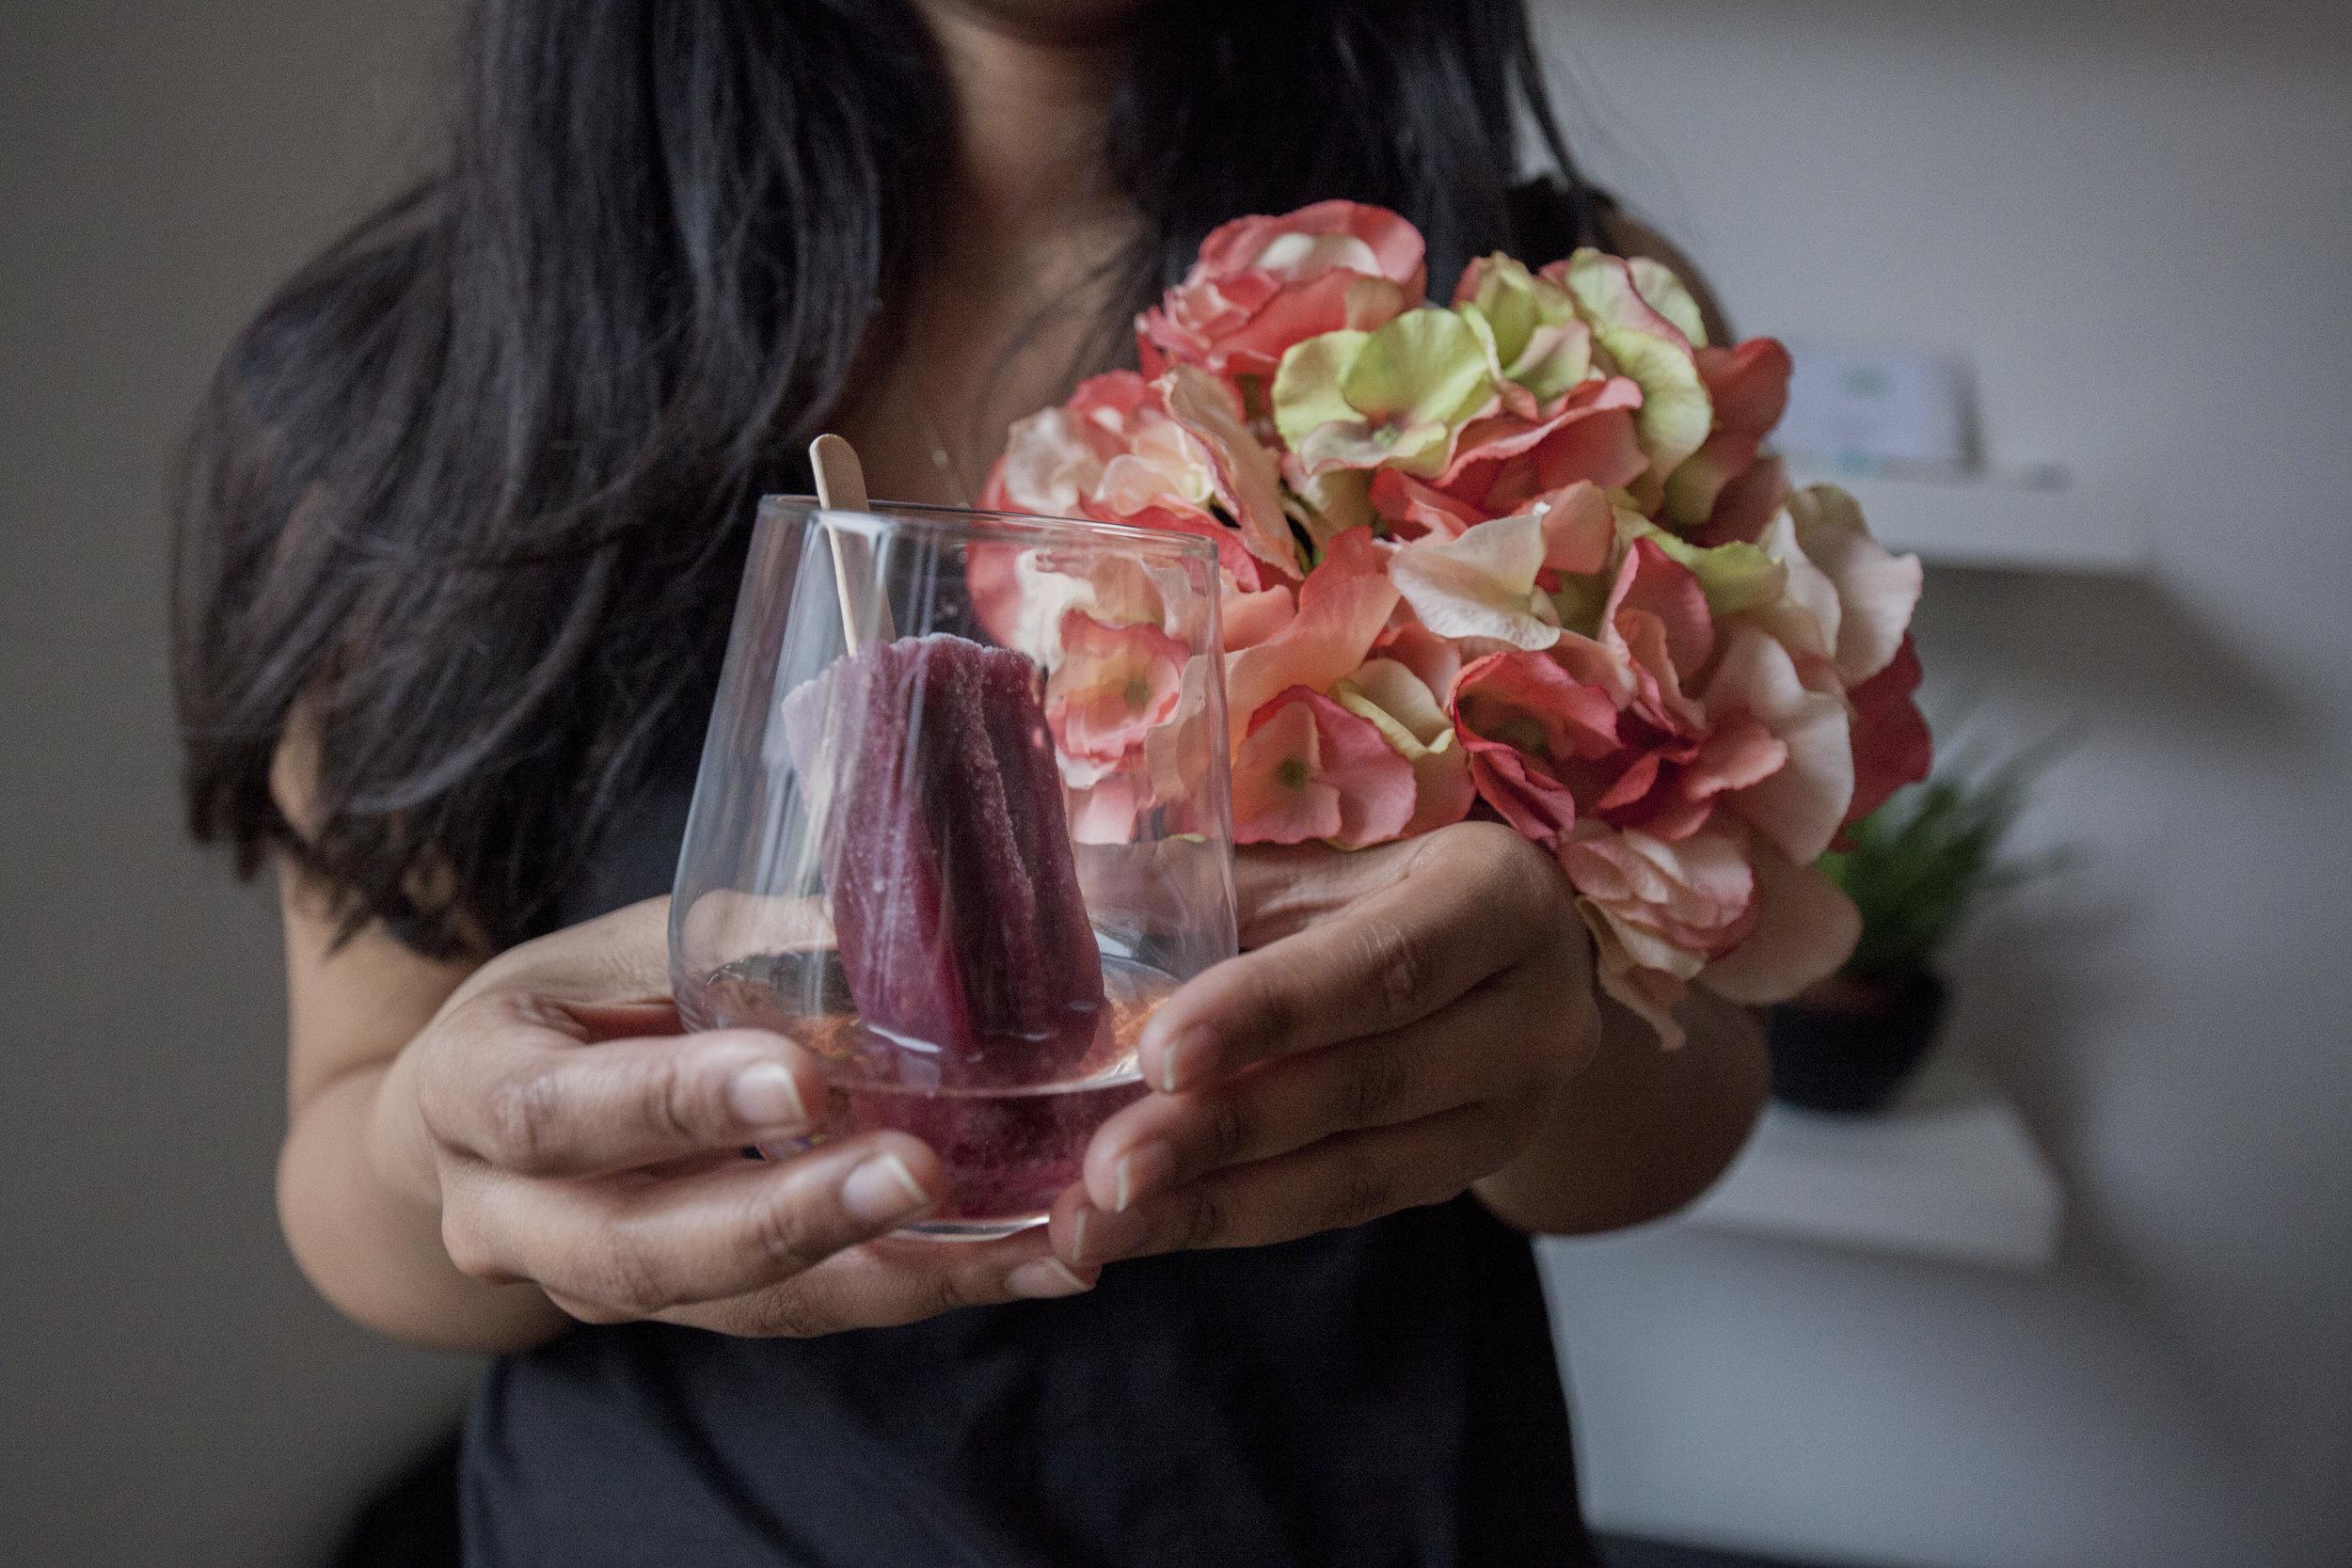 Hochzeiten - Ob Hochzeit im Freien oder in einer Halle, wenn ihr Lust auf einen leichten sommerlichen Flair in Form von Eis am Stiel habt, seid ihr bei uns genau richtig. Wir verleihen eurer Hochzeit das Gewisse etwas und richten uns selbstverständlich nach euren Wünschen.